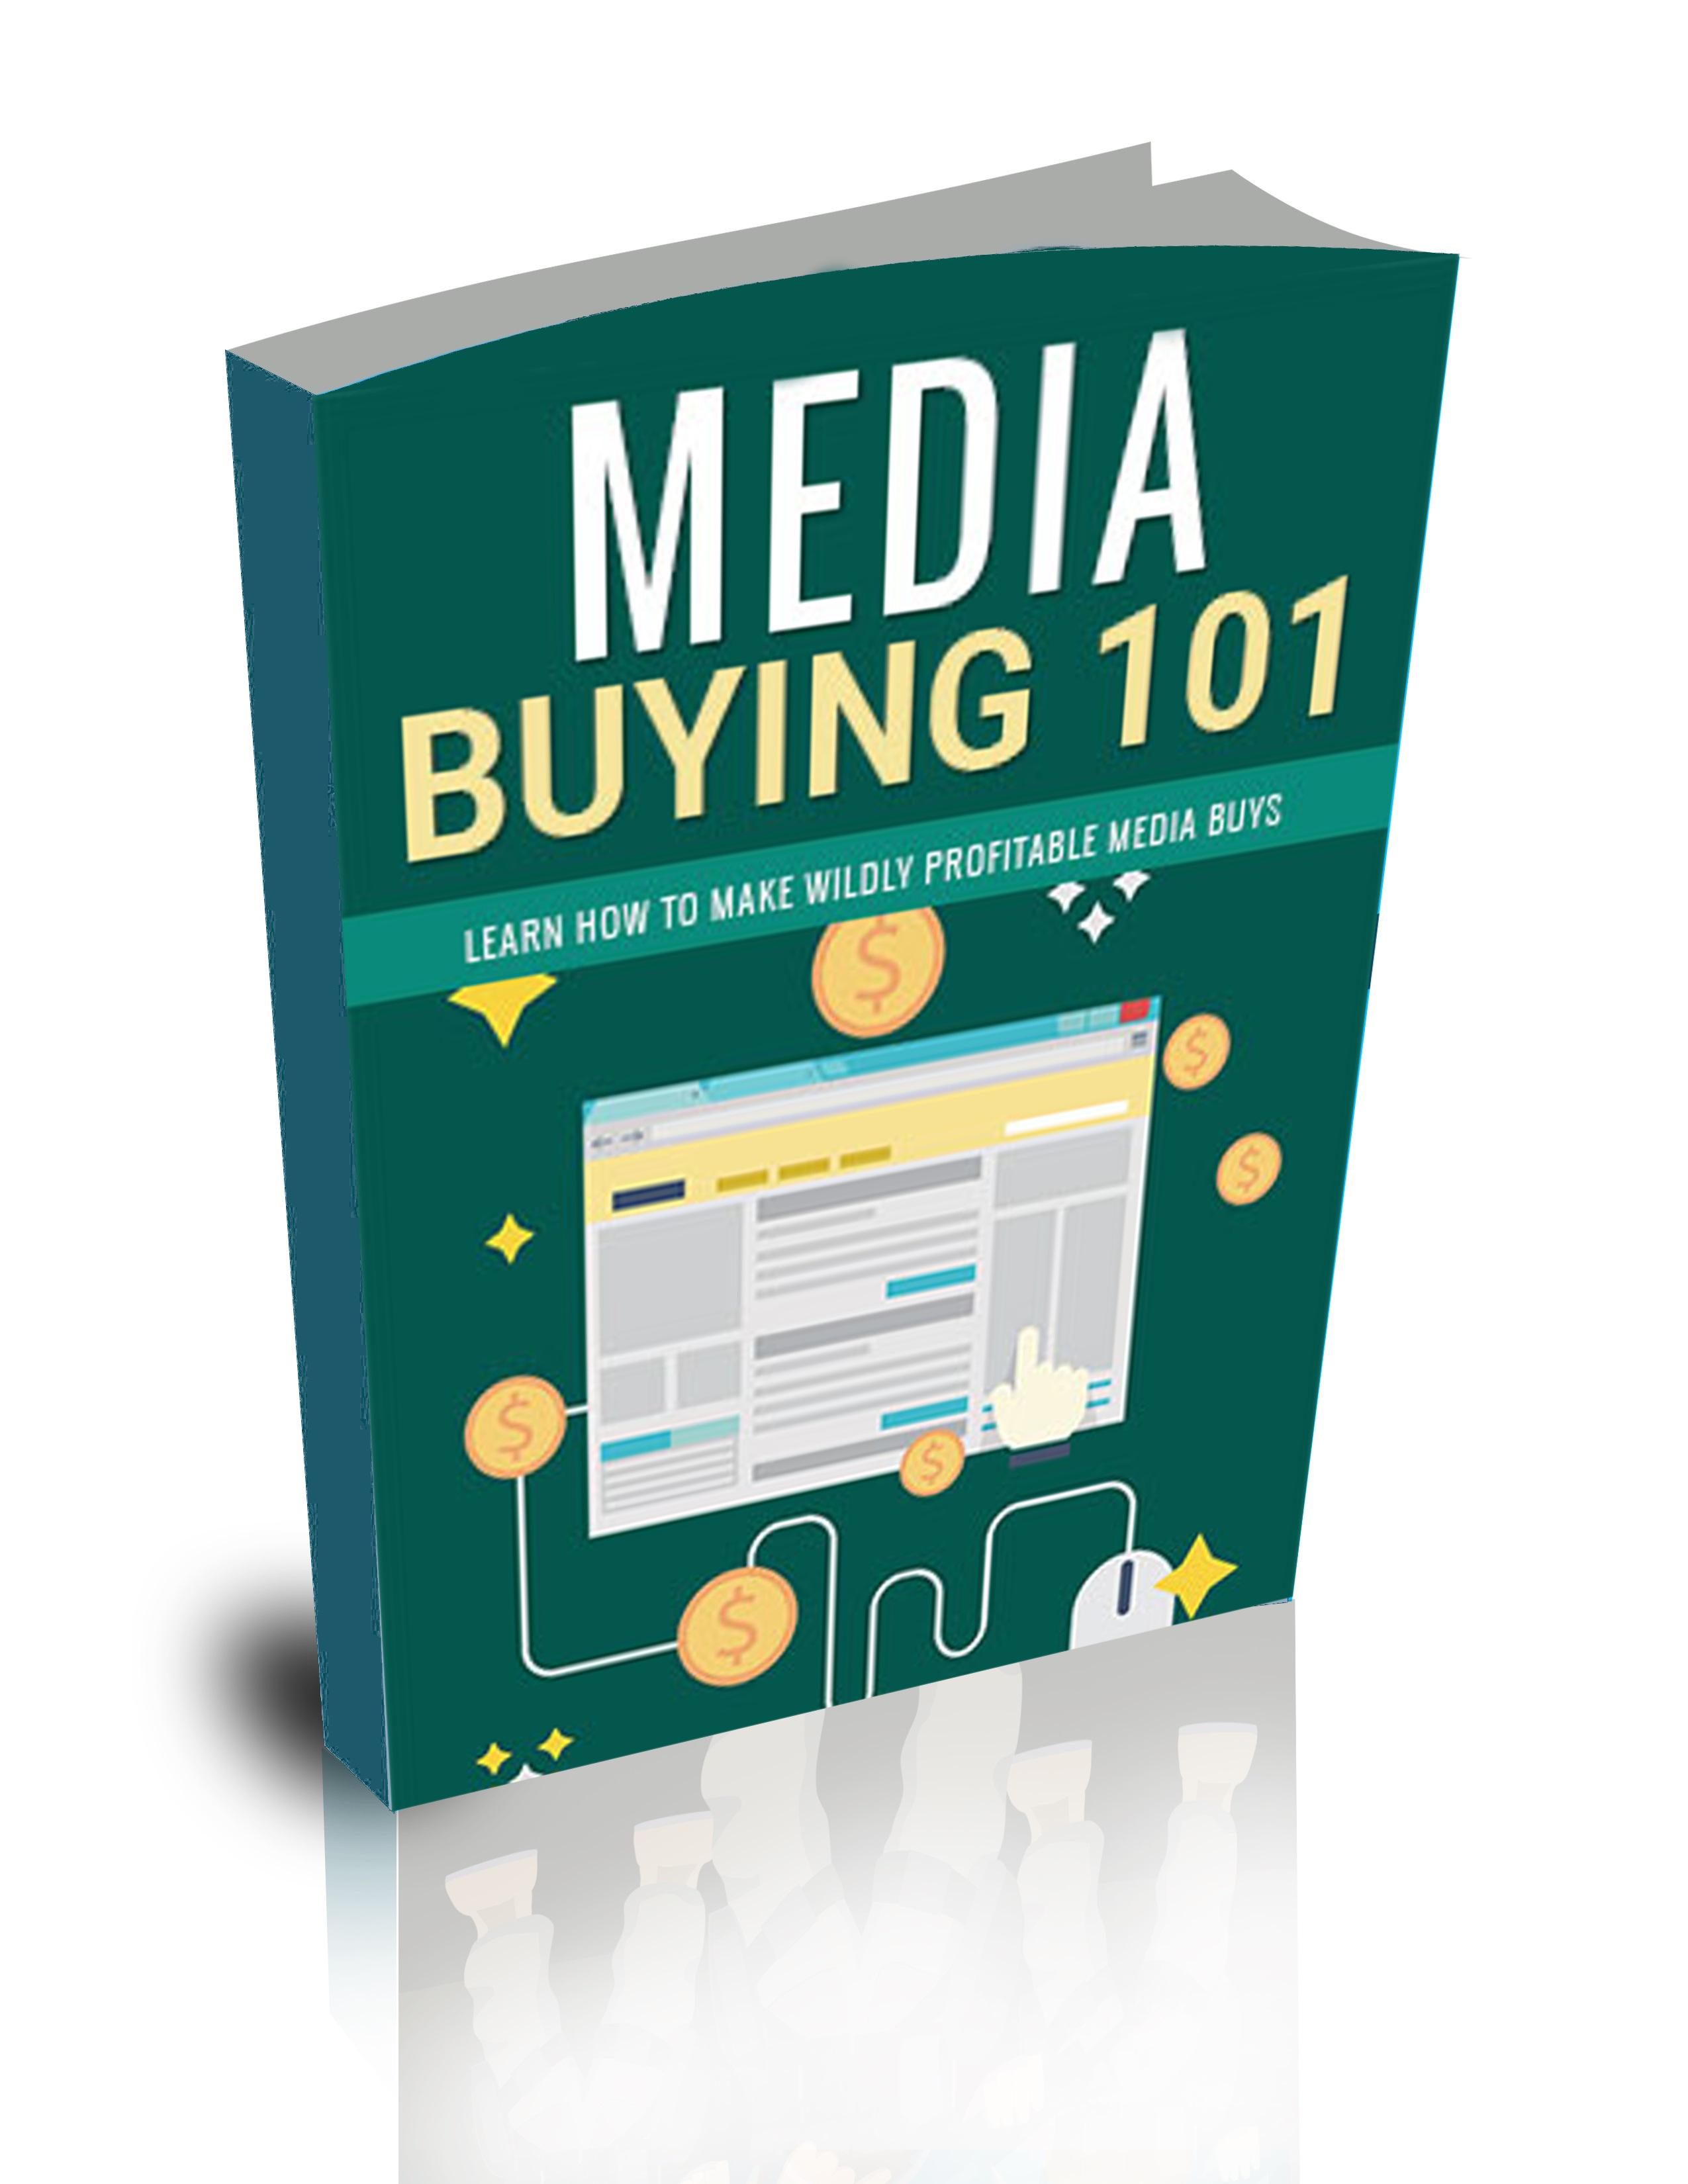 MediaBuying101